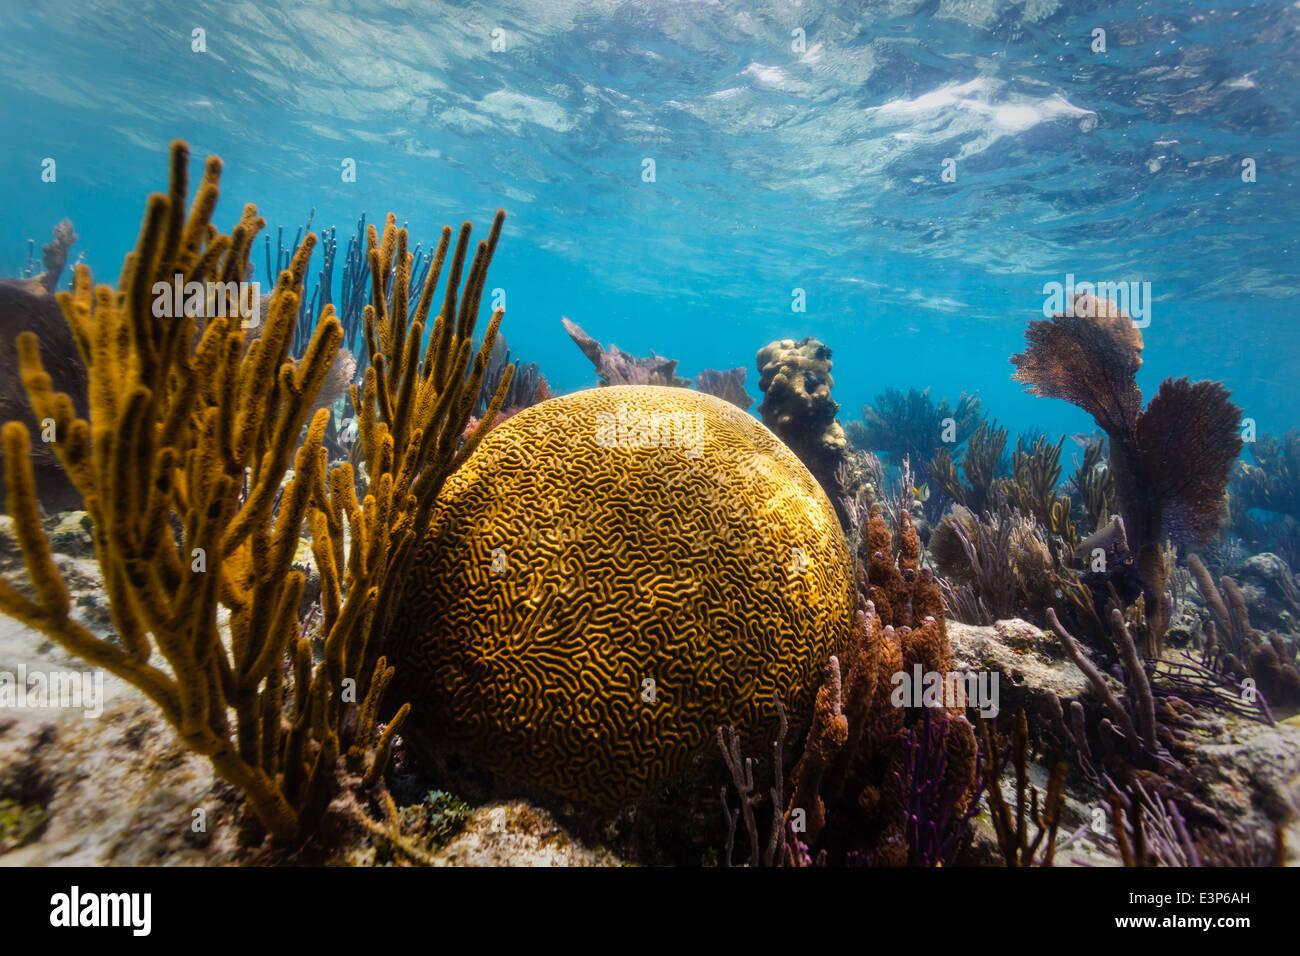 A proximité de grands coraux cerveau ronde et de la direction générale sur les récifs coralliens Photo Stock